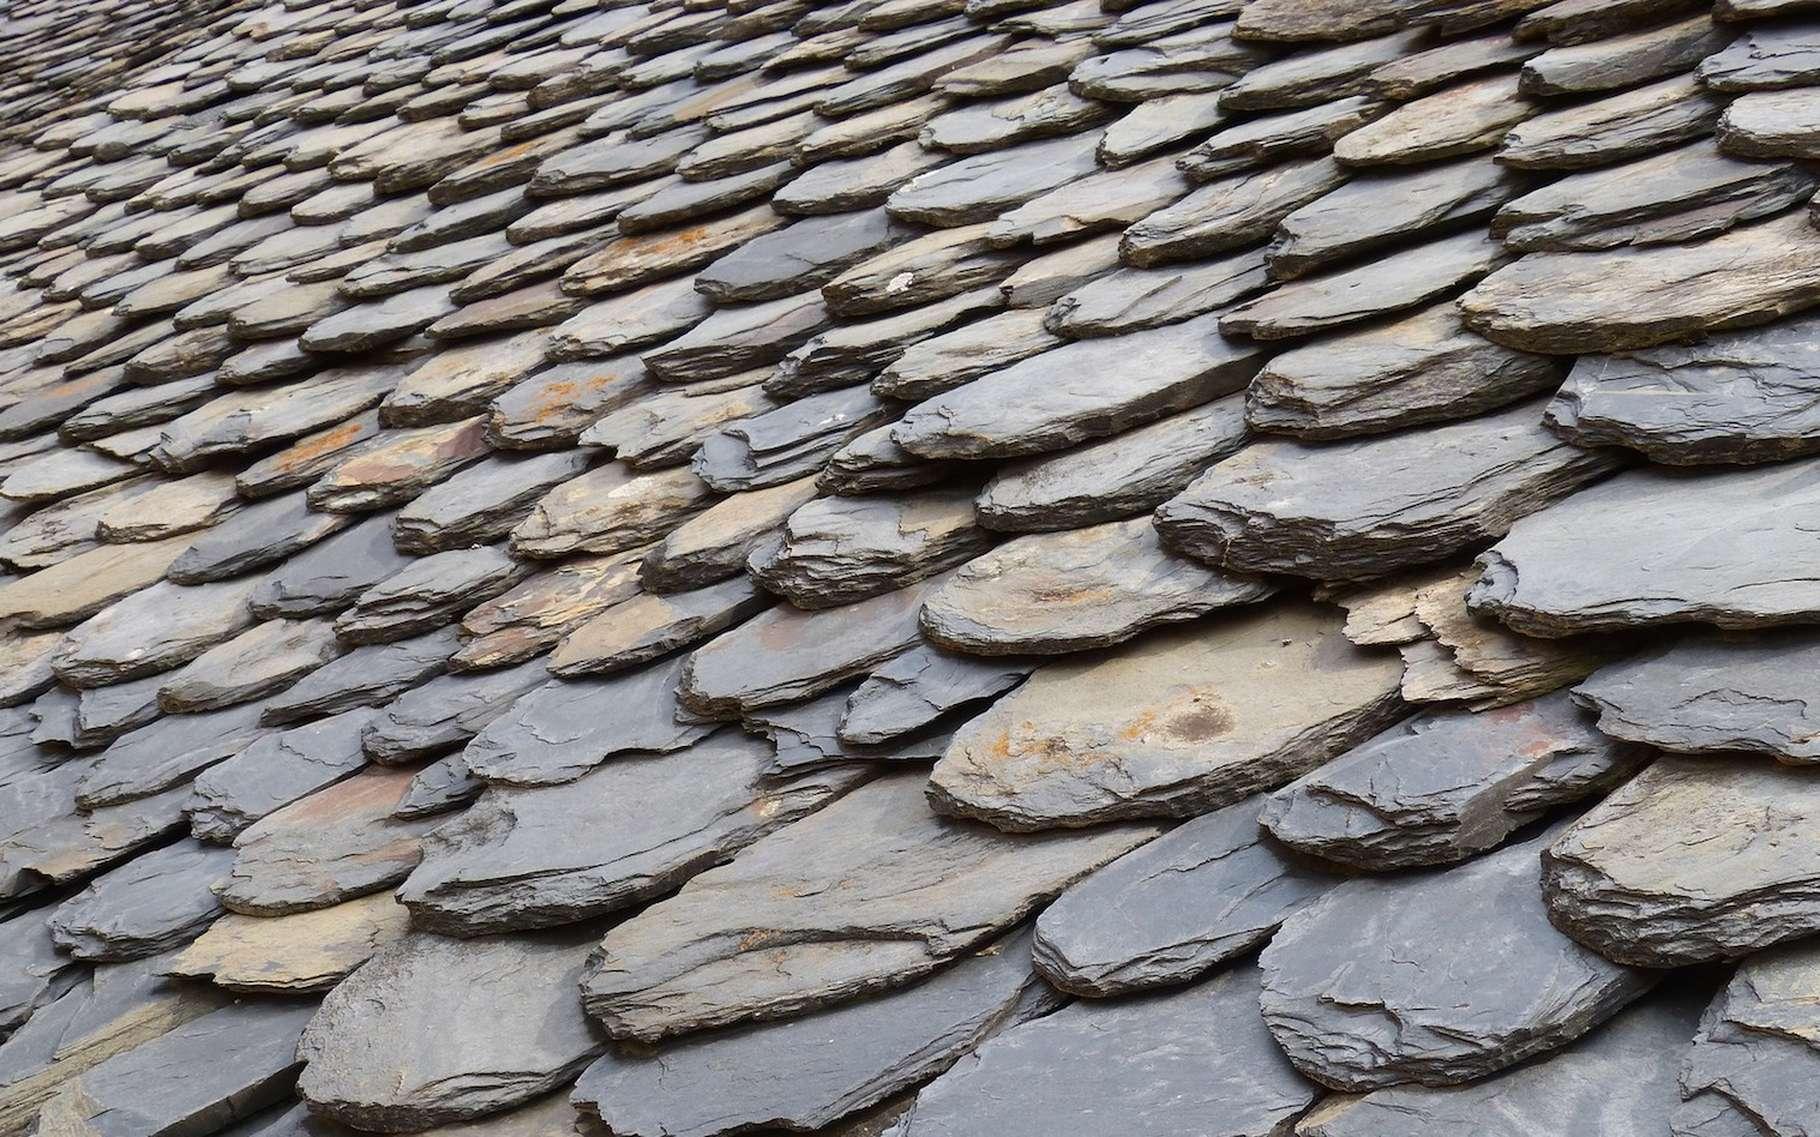 L'ardoise est un schiste particulier, un schiste argileux à grains fins et homogènes qui peut parfois présenter un aspect légèrement satiné. © makamuki0, Pixabay, CC0 Public Domain